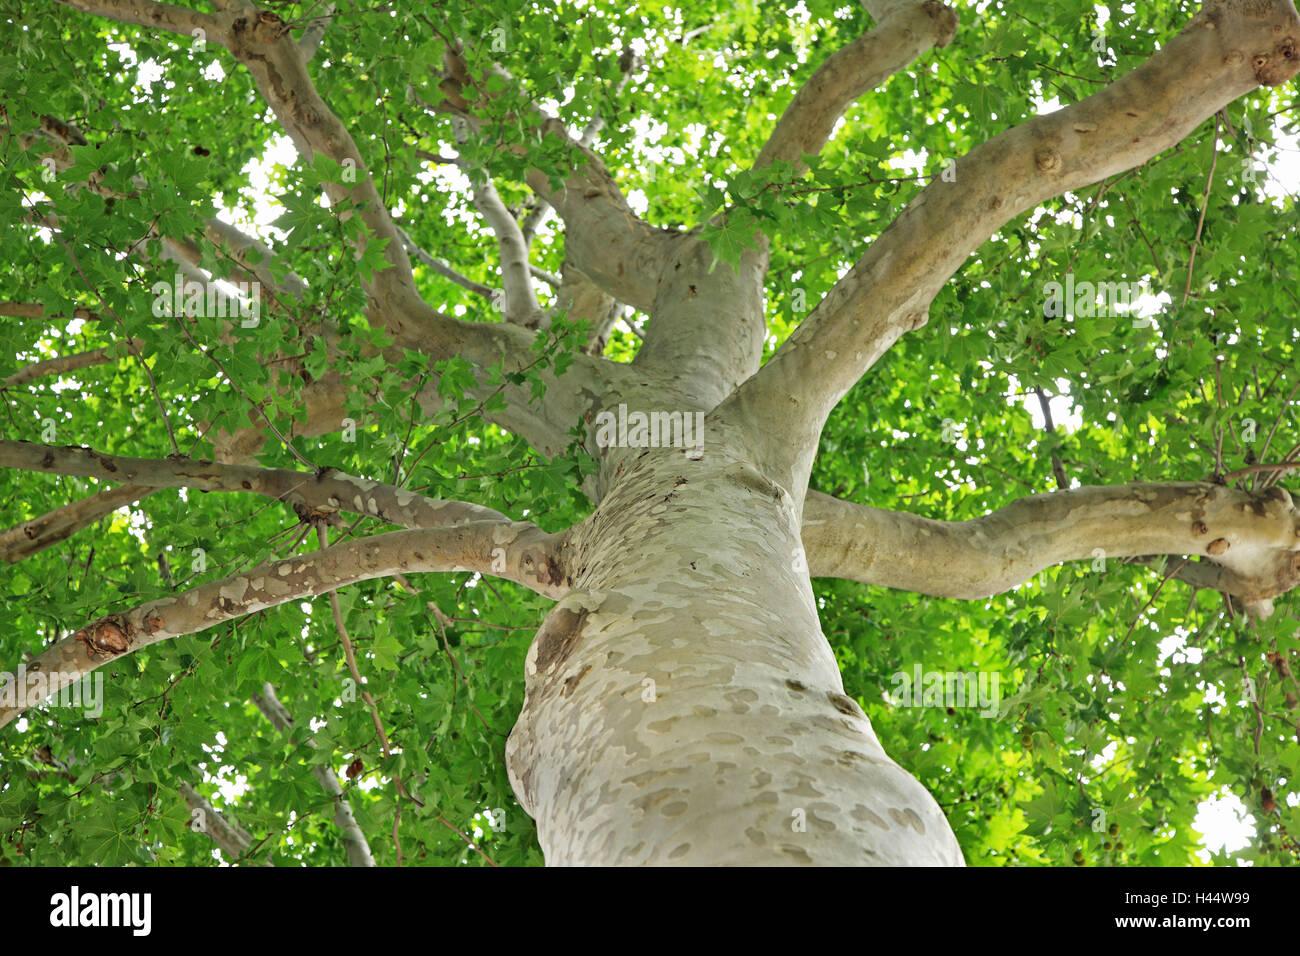 platane, platanus spec., l'été, de ci-dessous, plante, arbre, arbre